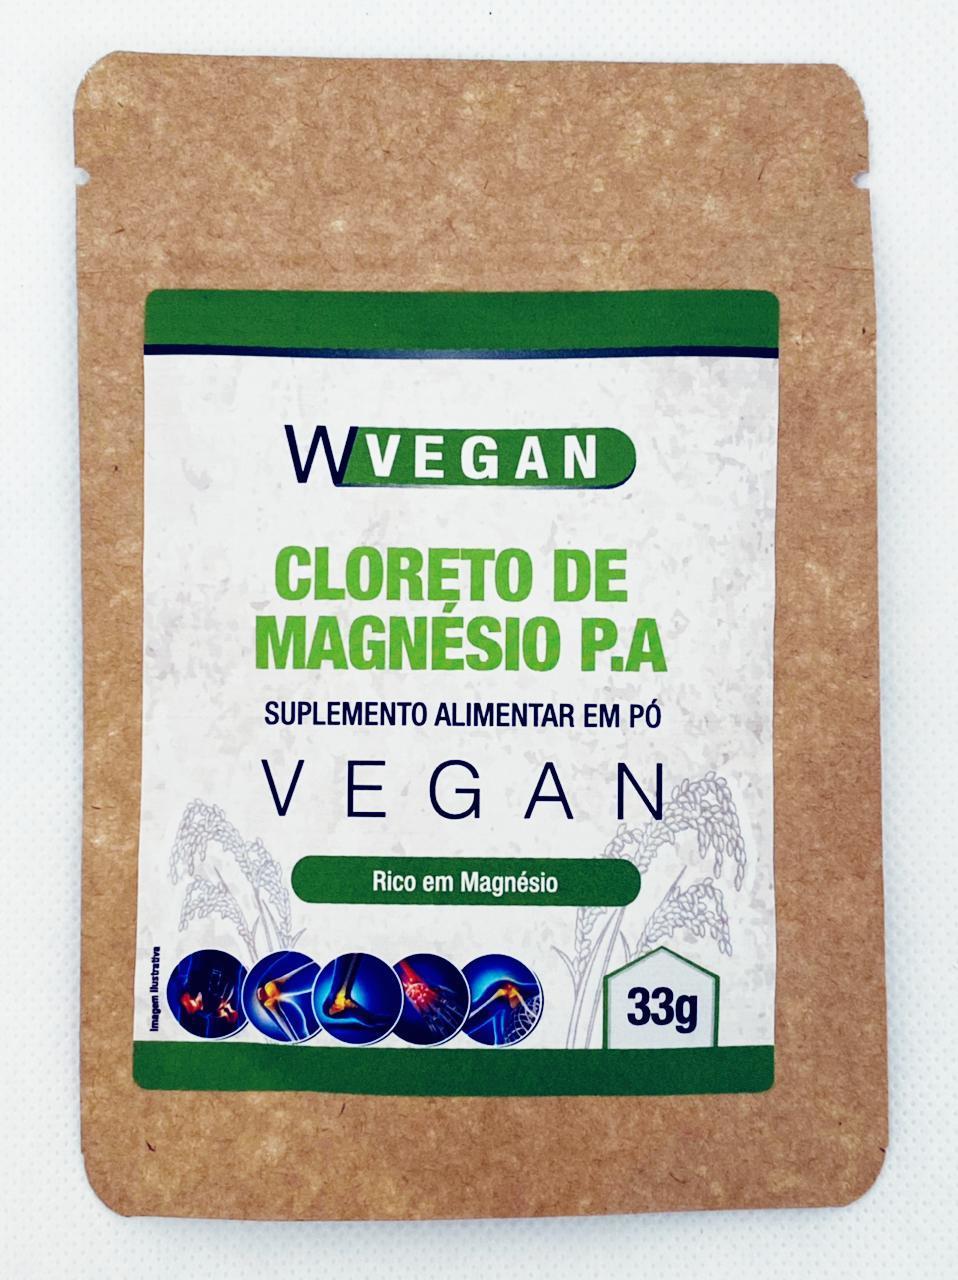 Cloreto de Magnesio PA 1 sache de 33g WVegan